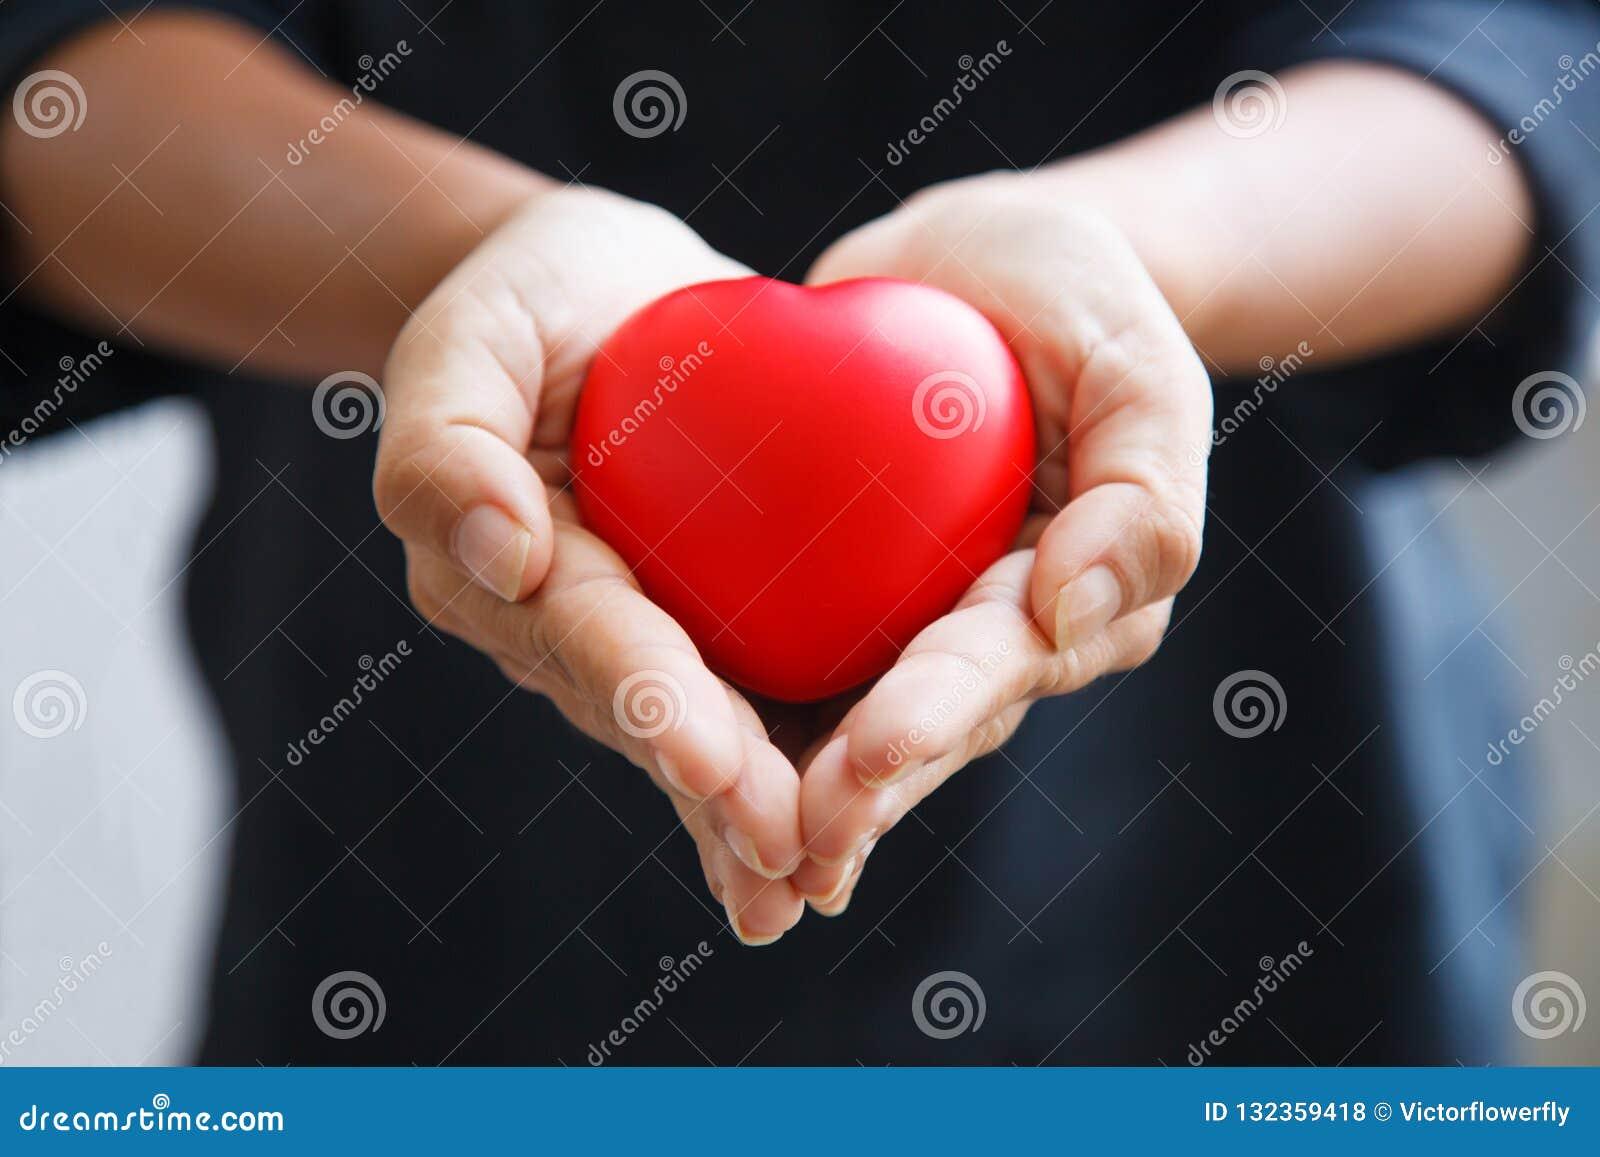 Le coeur rouge tenu par les deux mains de la femelle, représentent des coups de main, s inquiétant, amour, sympathie, condoléance